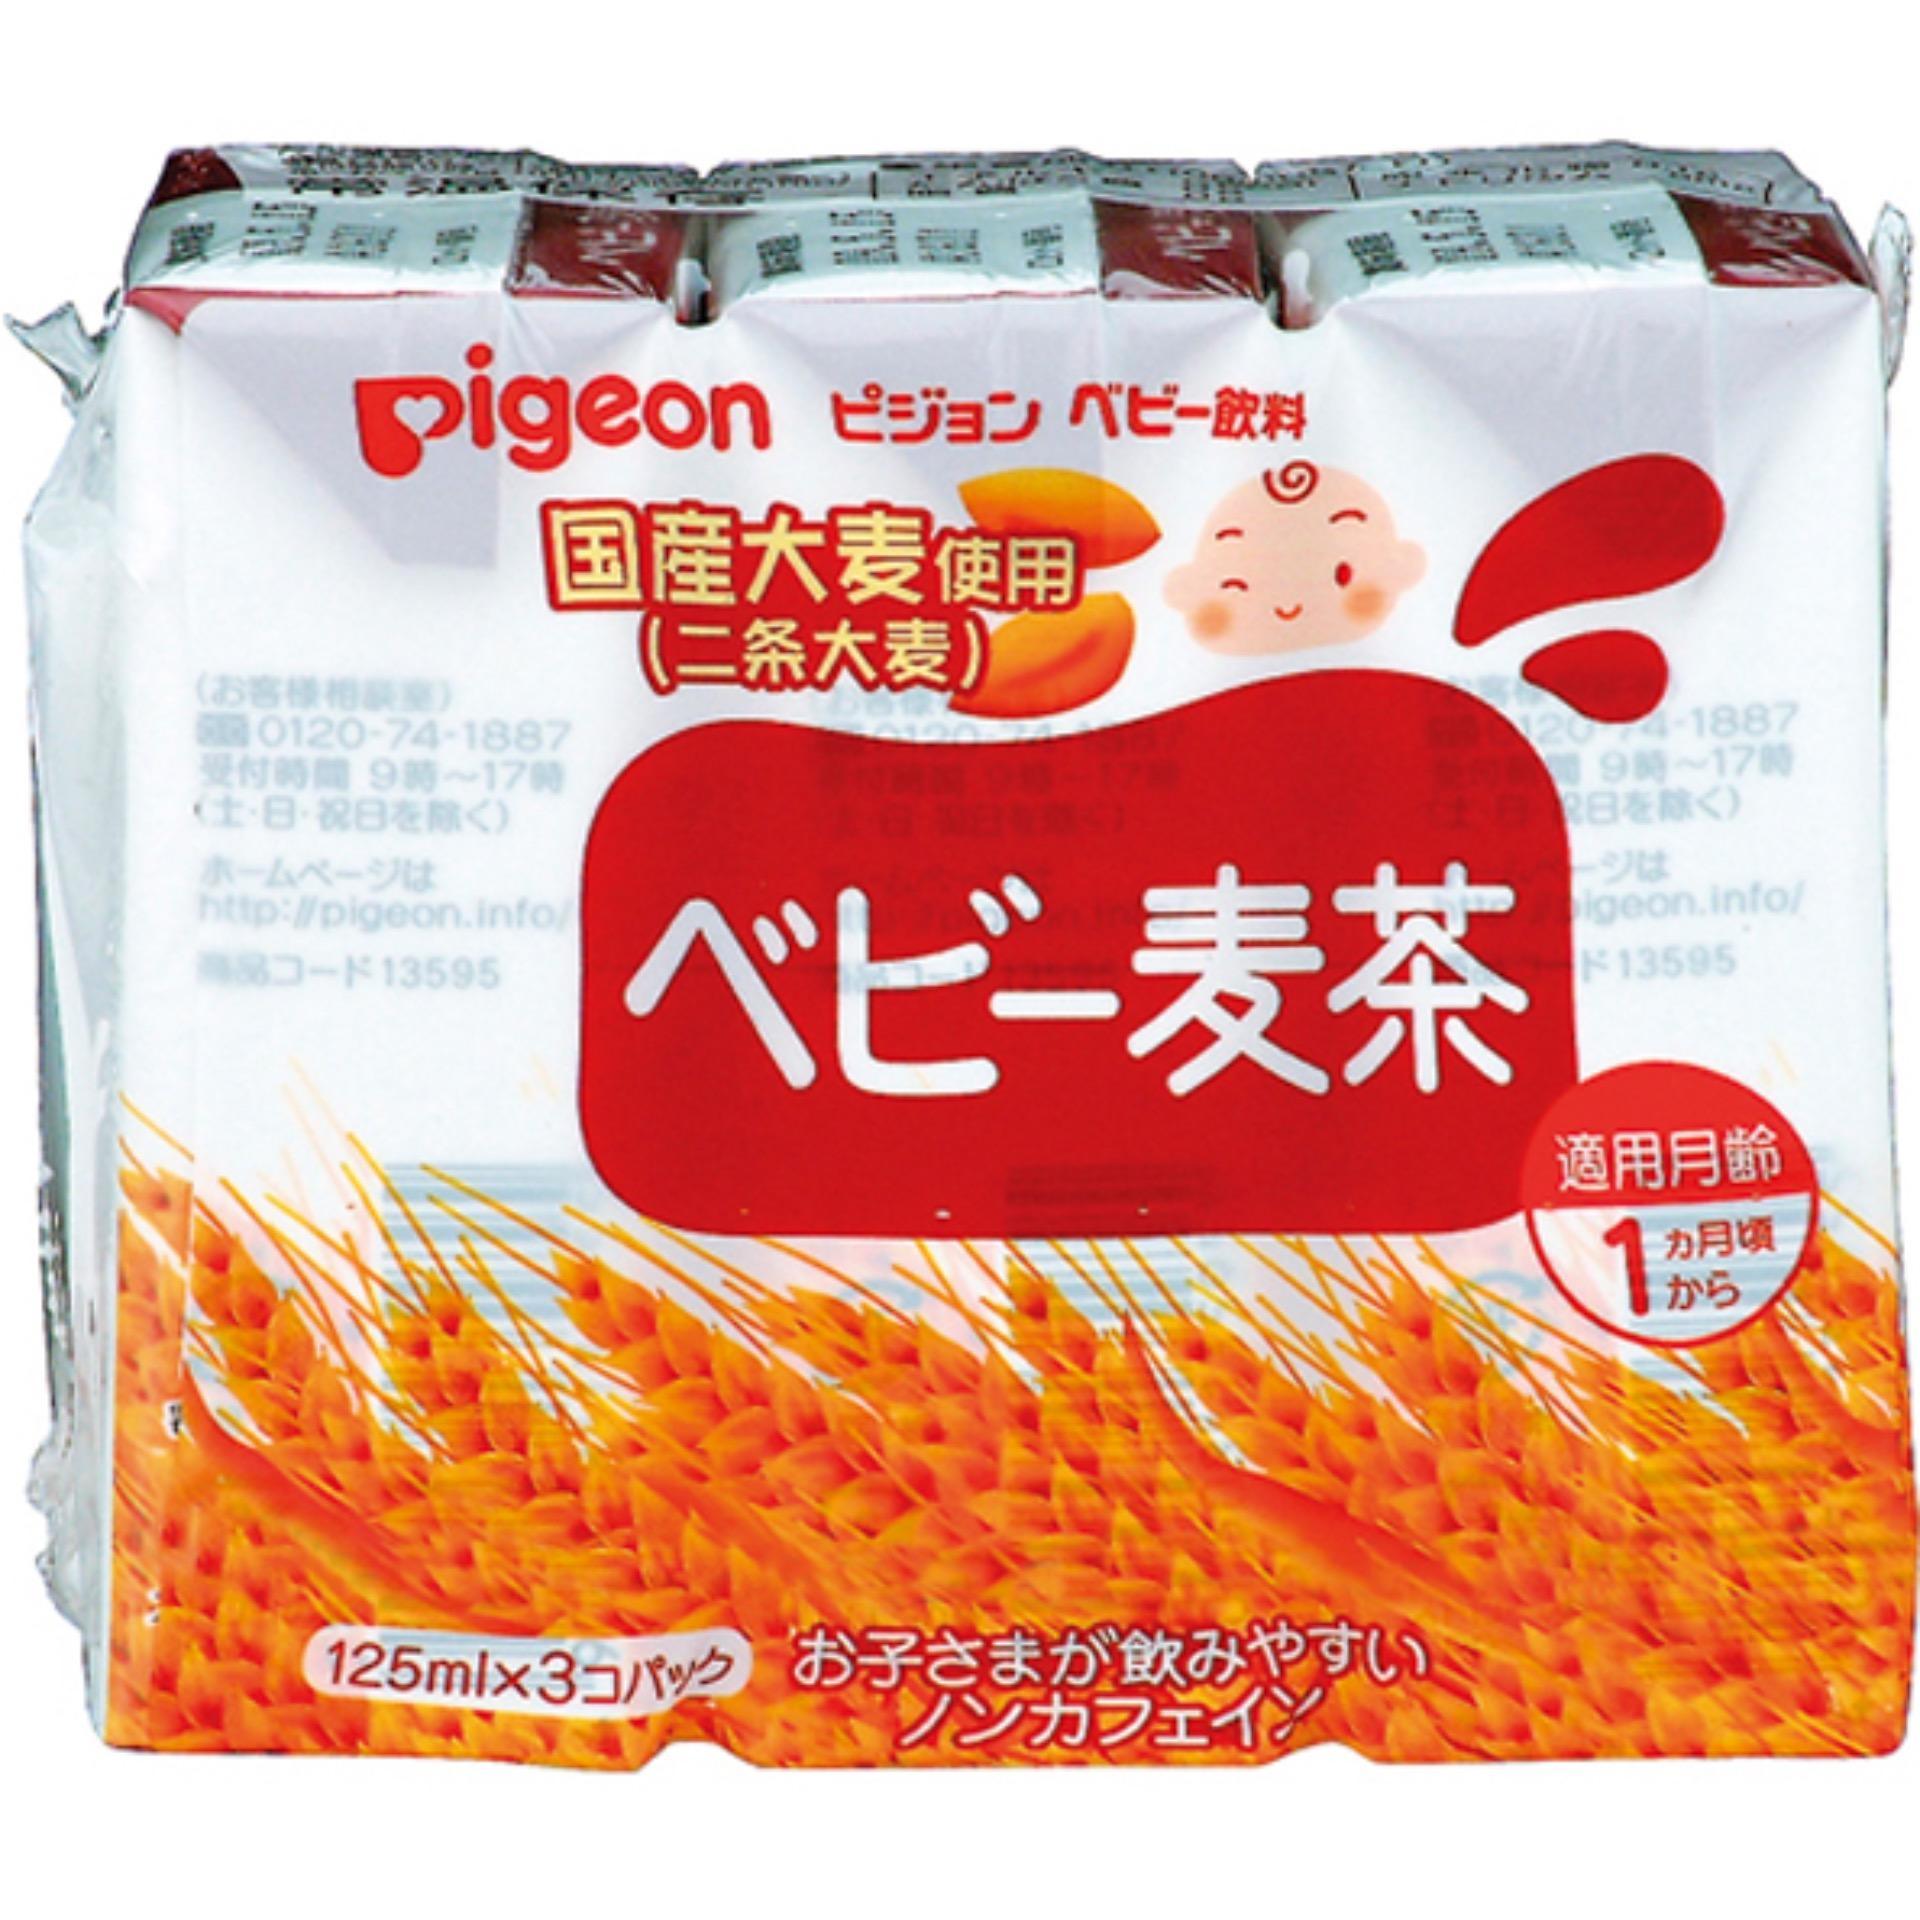 Vỉ 3 hộp nước ép vị lúa mạch cho bé từ 1 tháng Pigeon 13511 (125mlx3)